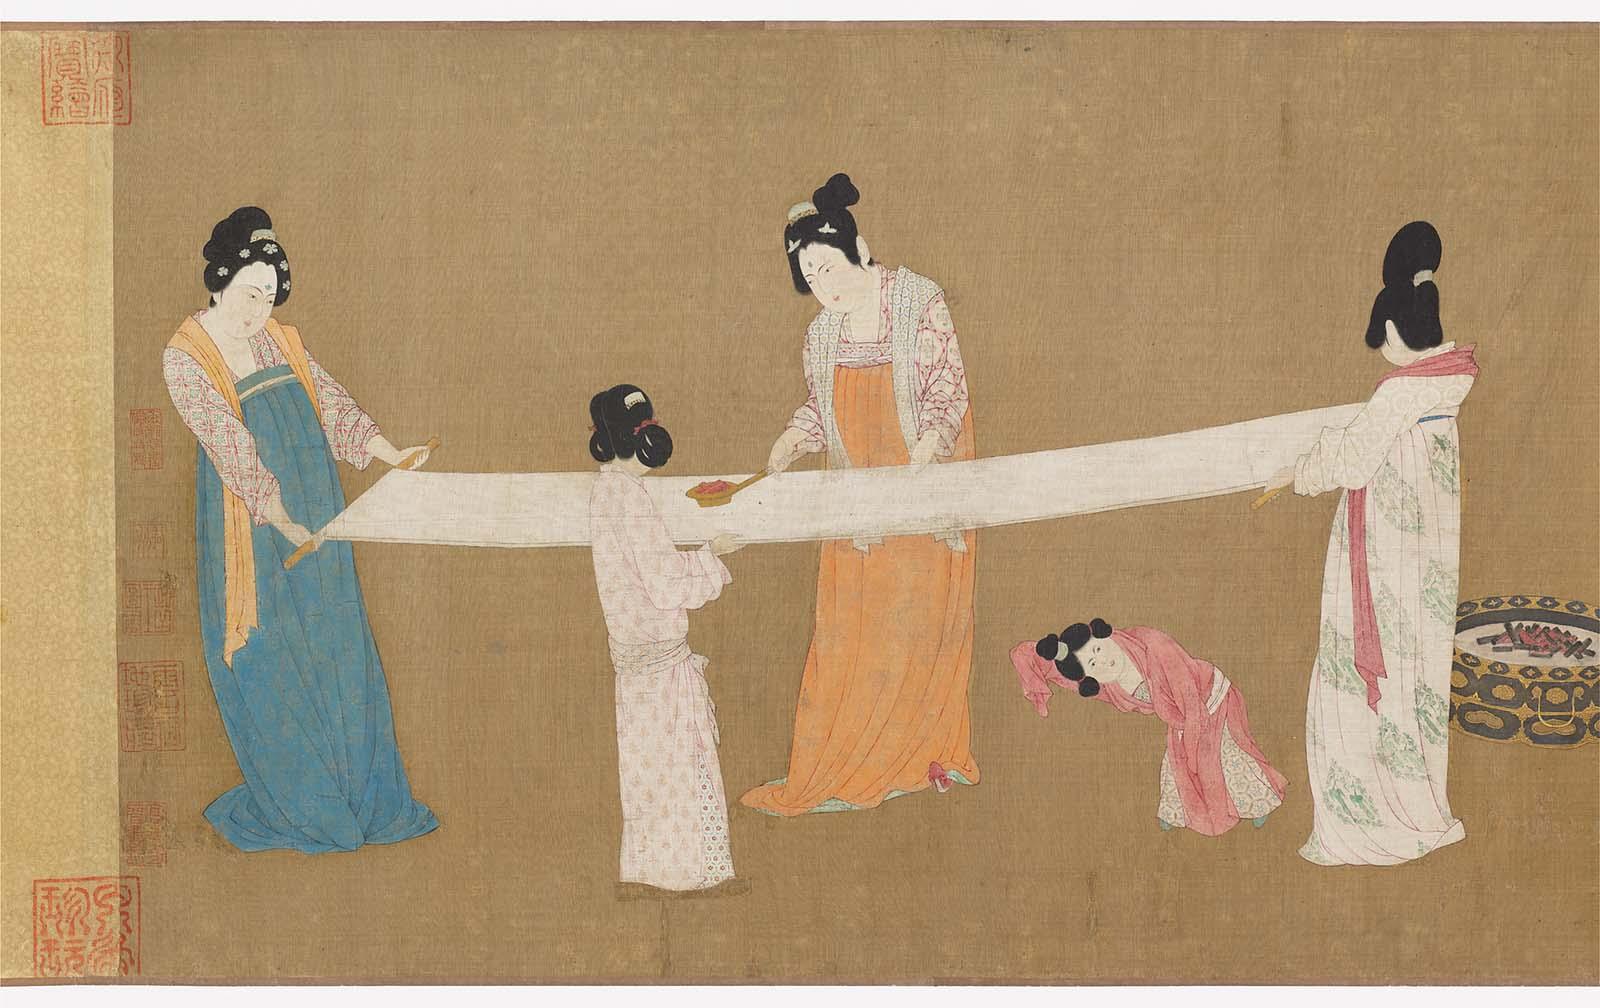 ผลการค้นหารูปภาพสำหรับ Court Ladies preparing Newly-Woven Silk แปลว่า